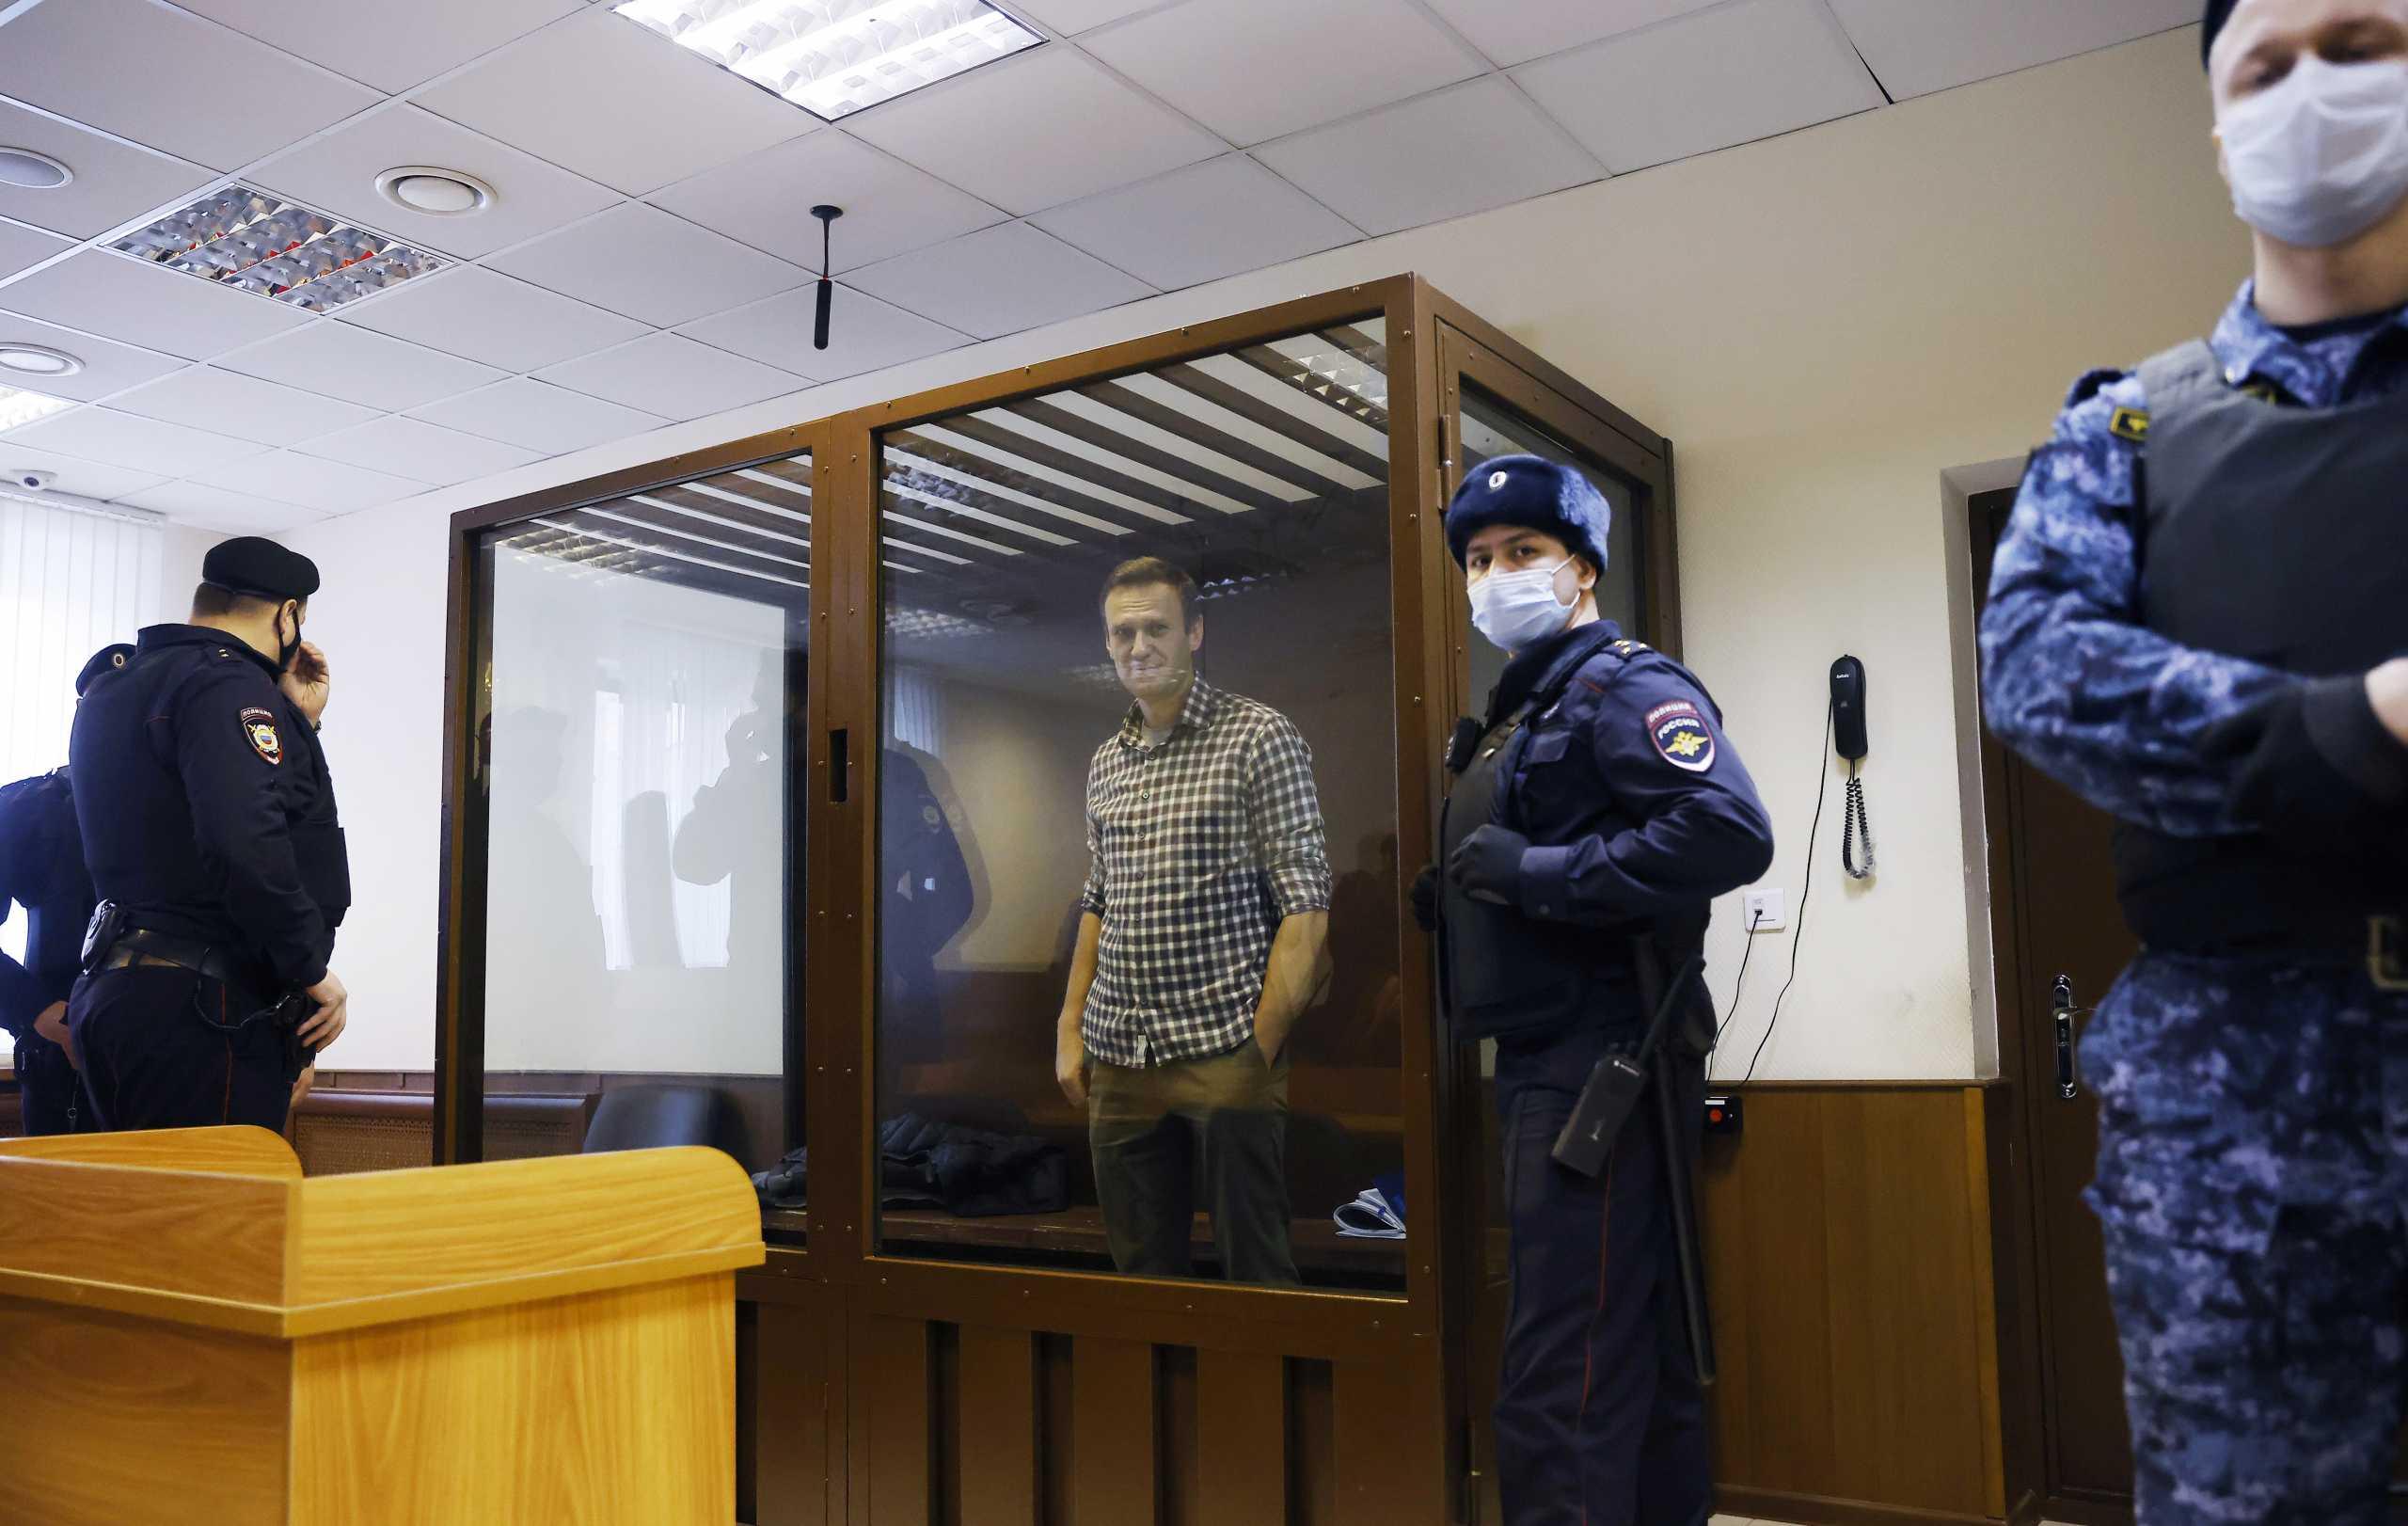 Αλεξέι Ναβάλνι: «Δεν αντιμετωπίζει σοβαρά προβλήματα υγείας» λέει η Μόσχα